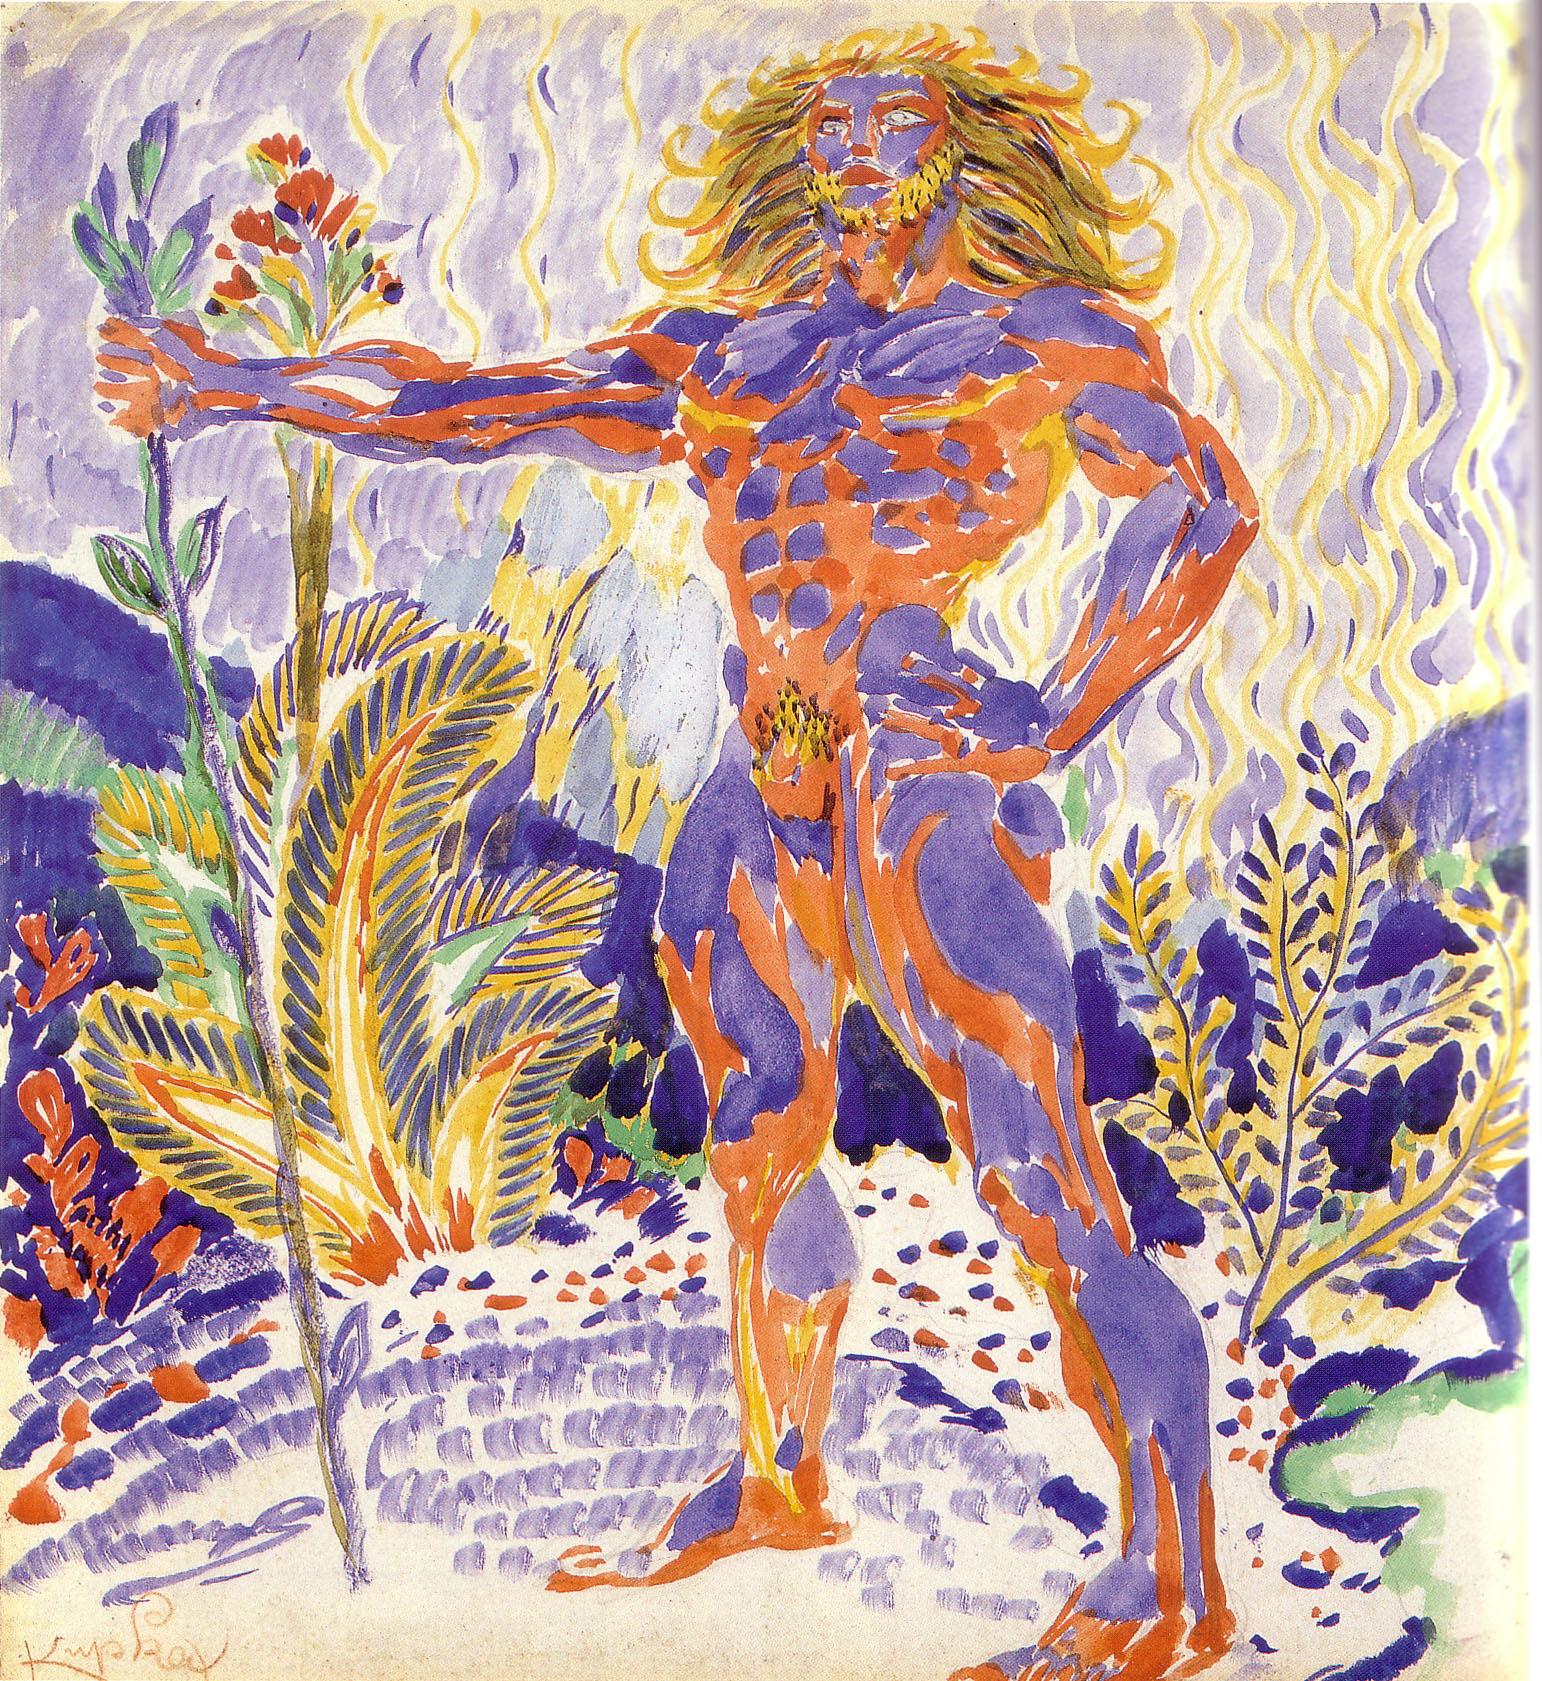 Prometheus, by Frantisek Kupka